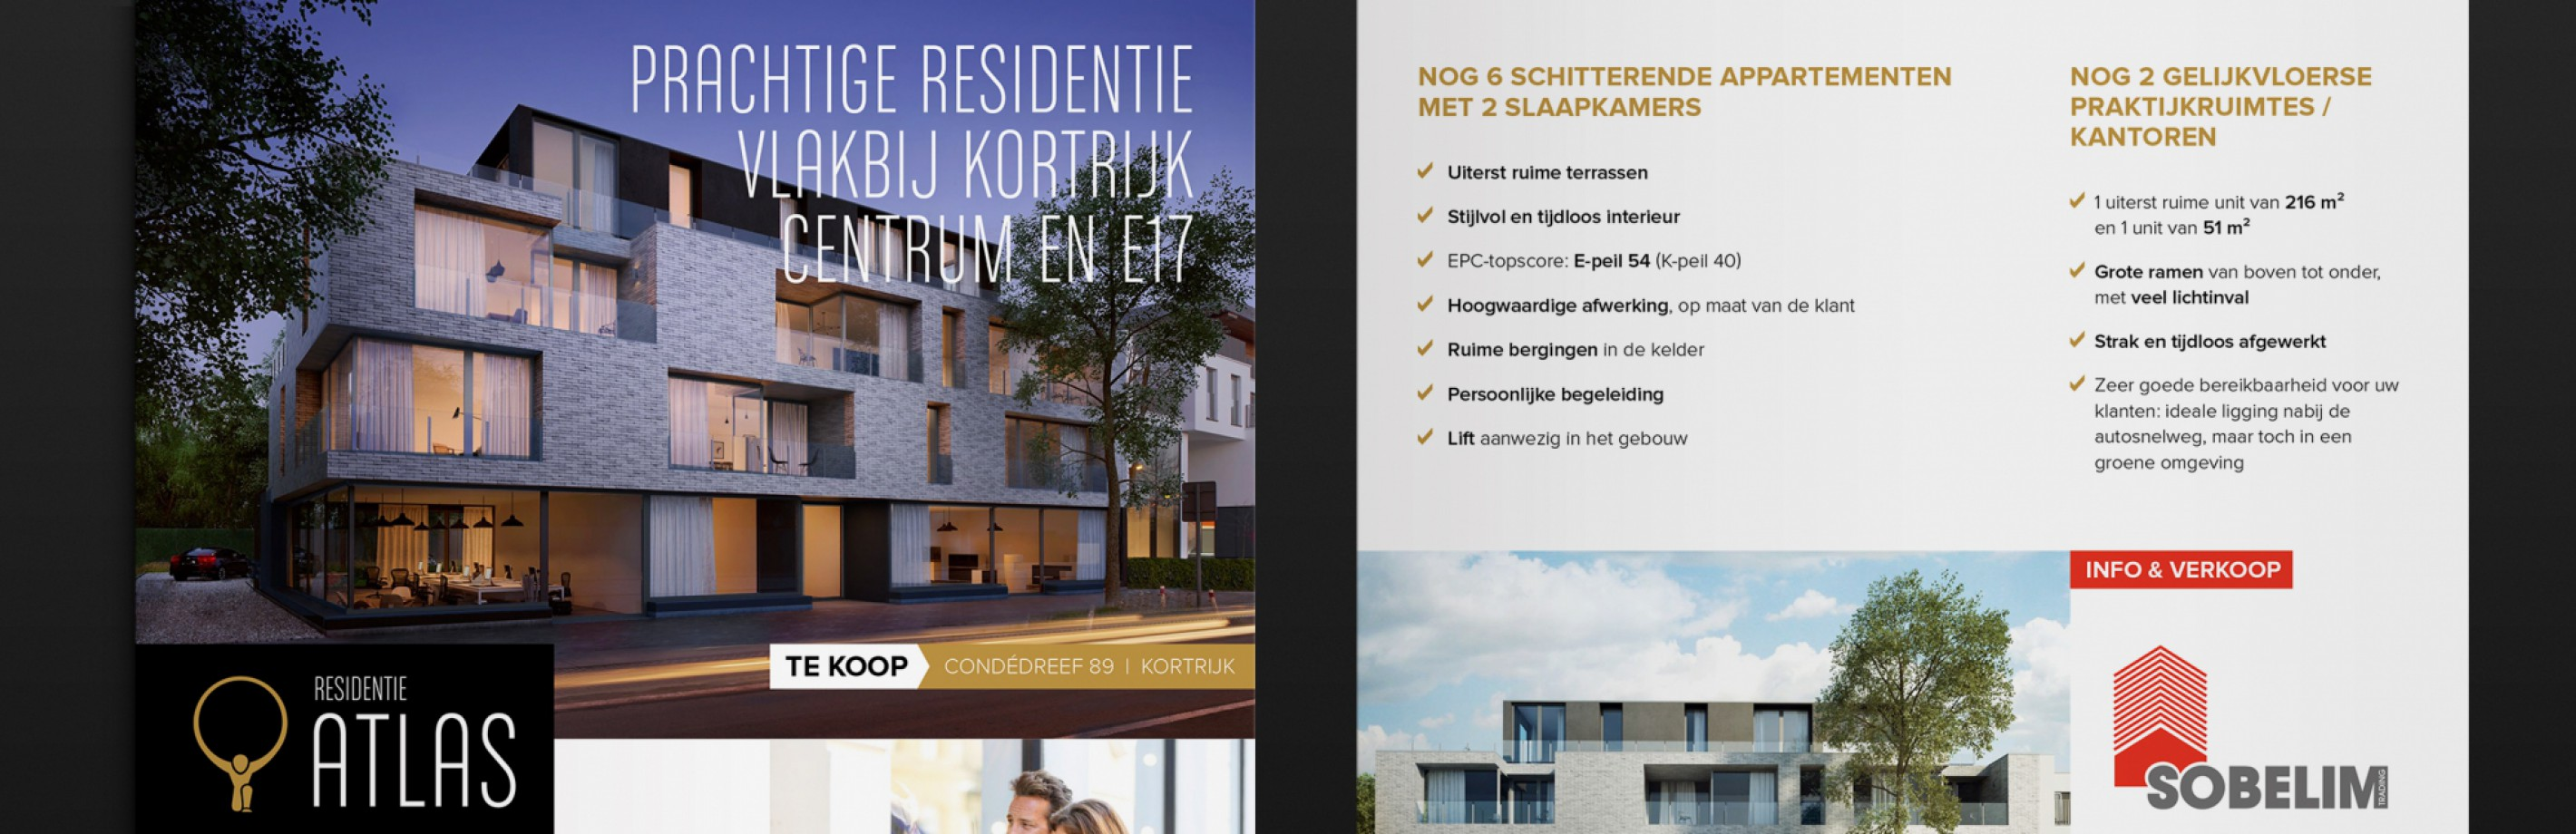 Voor en achterkant folder 'Residentie Atlas'